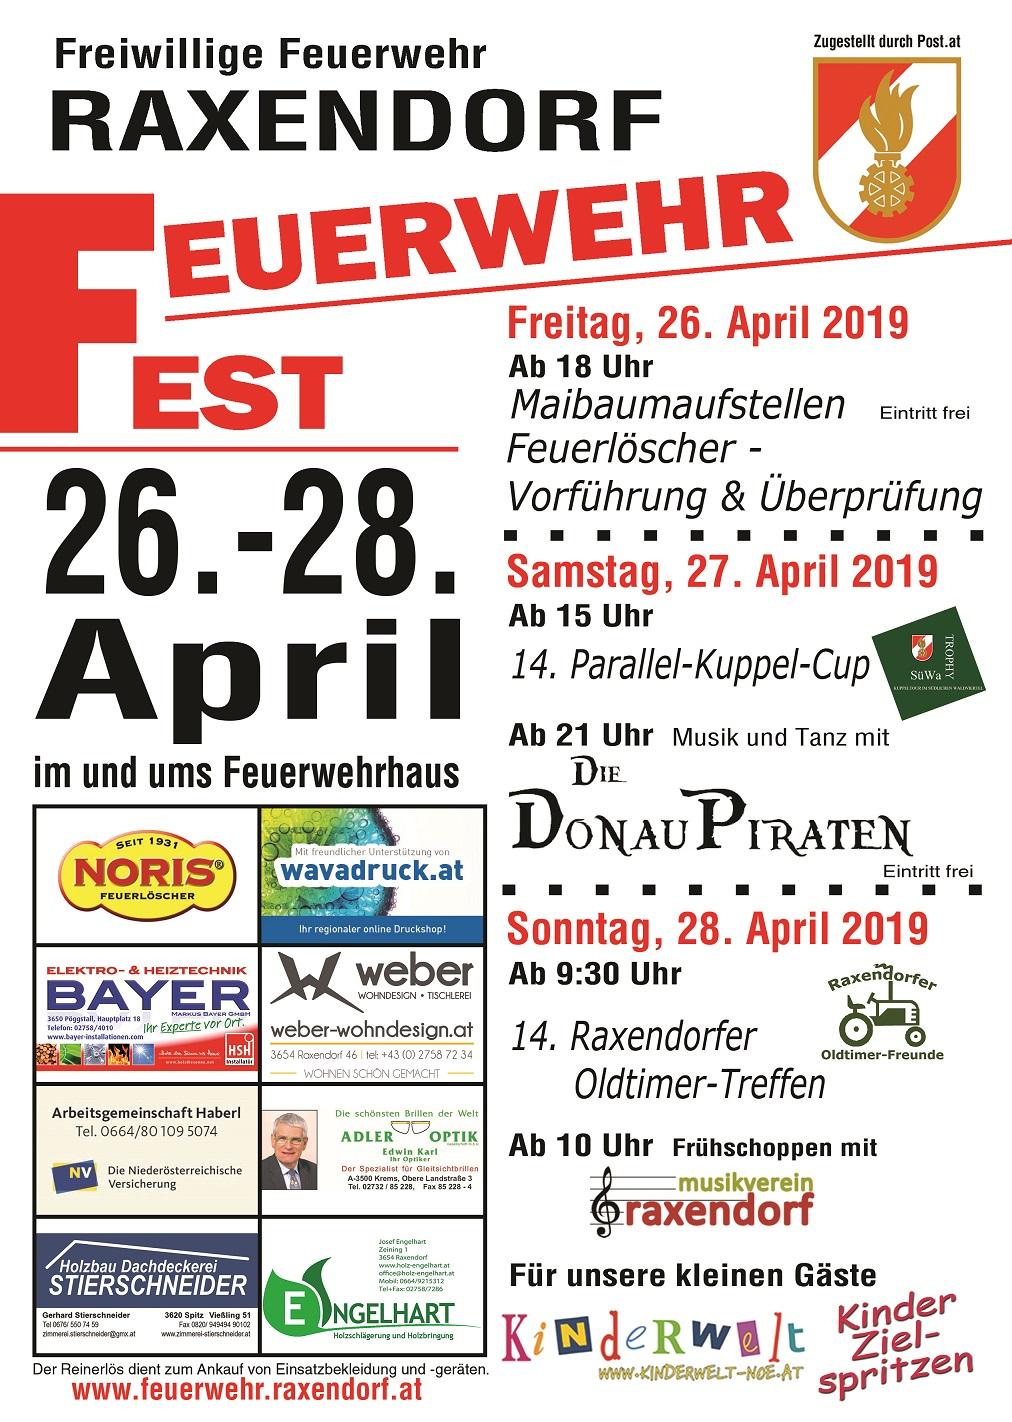 Fest_Flyer_2019_V1_komp